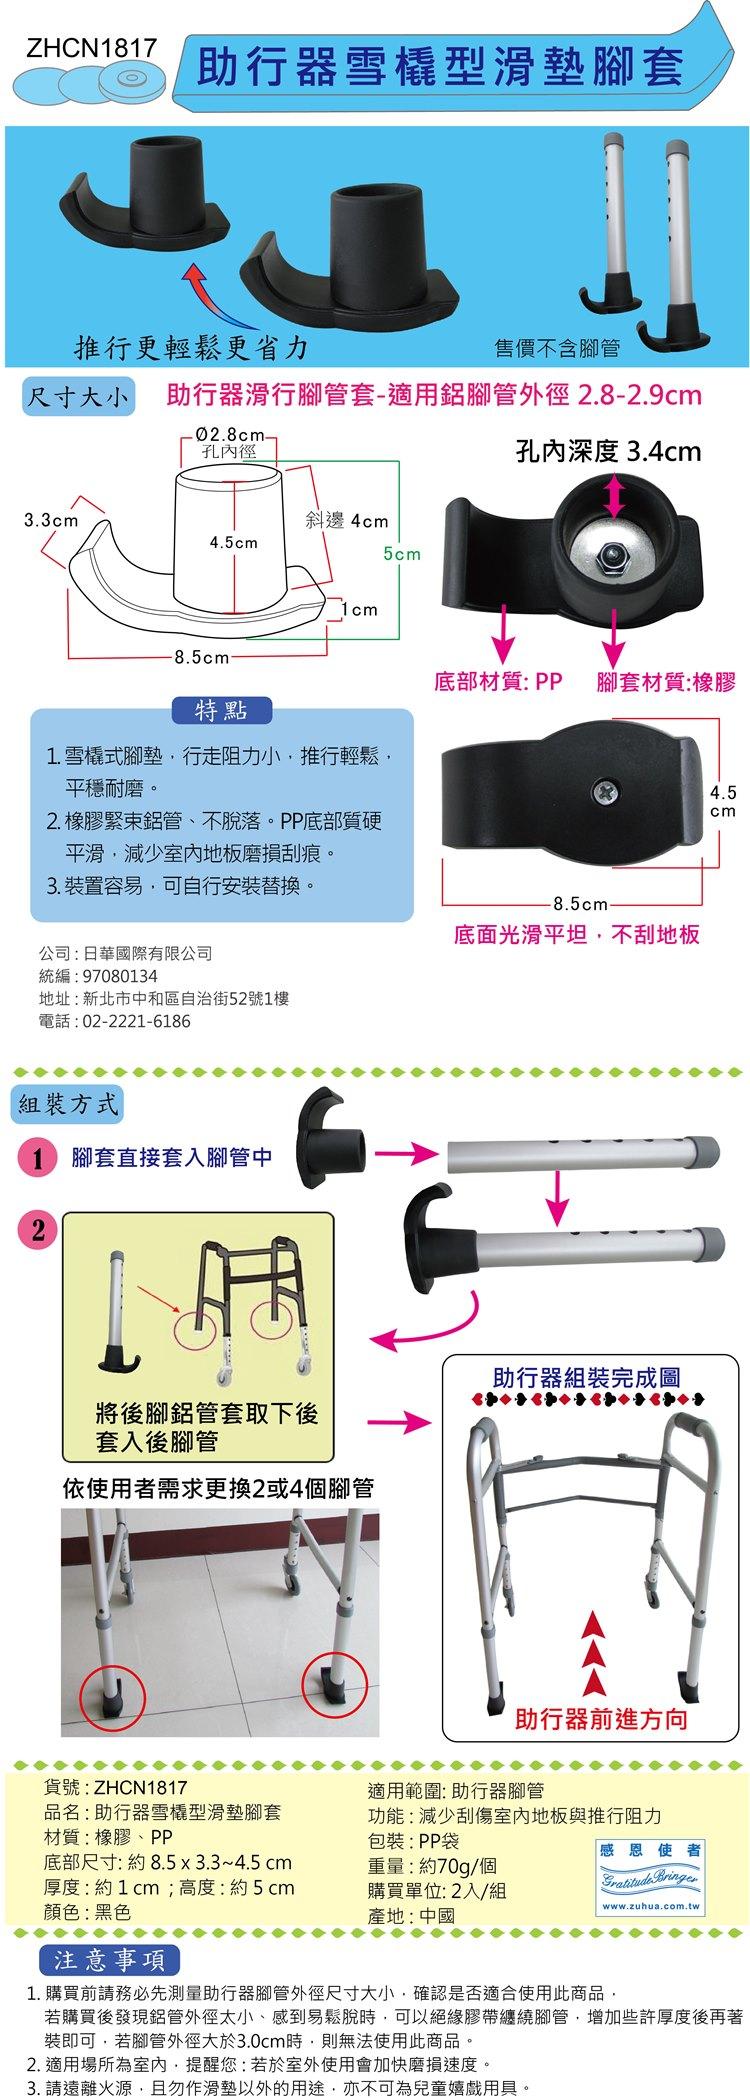 助行器腳套:雪橇腳套,取代止滑墊,推行助行器時更輕鬆,減少刮傷室內地板